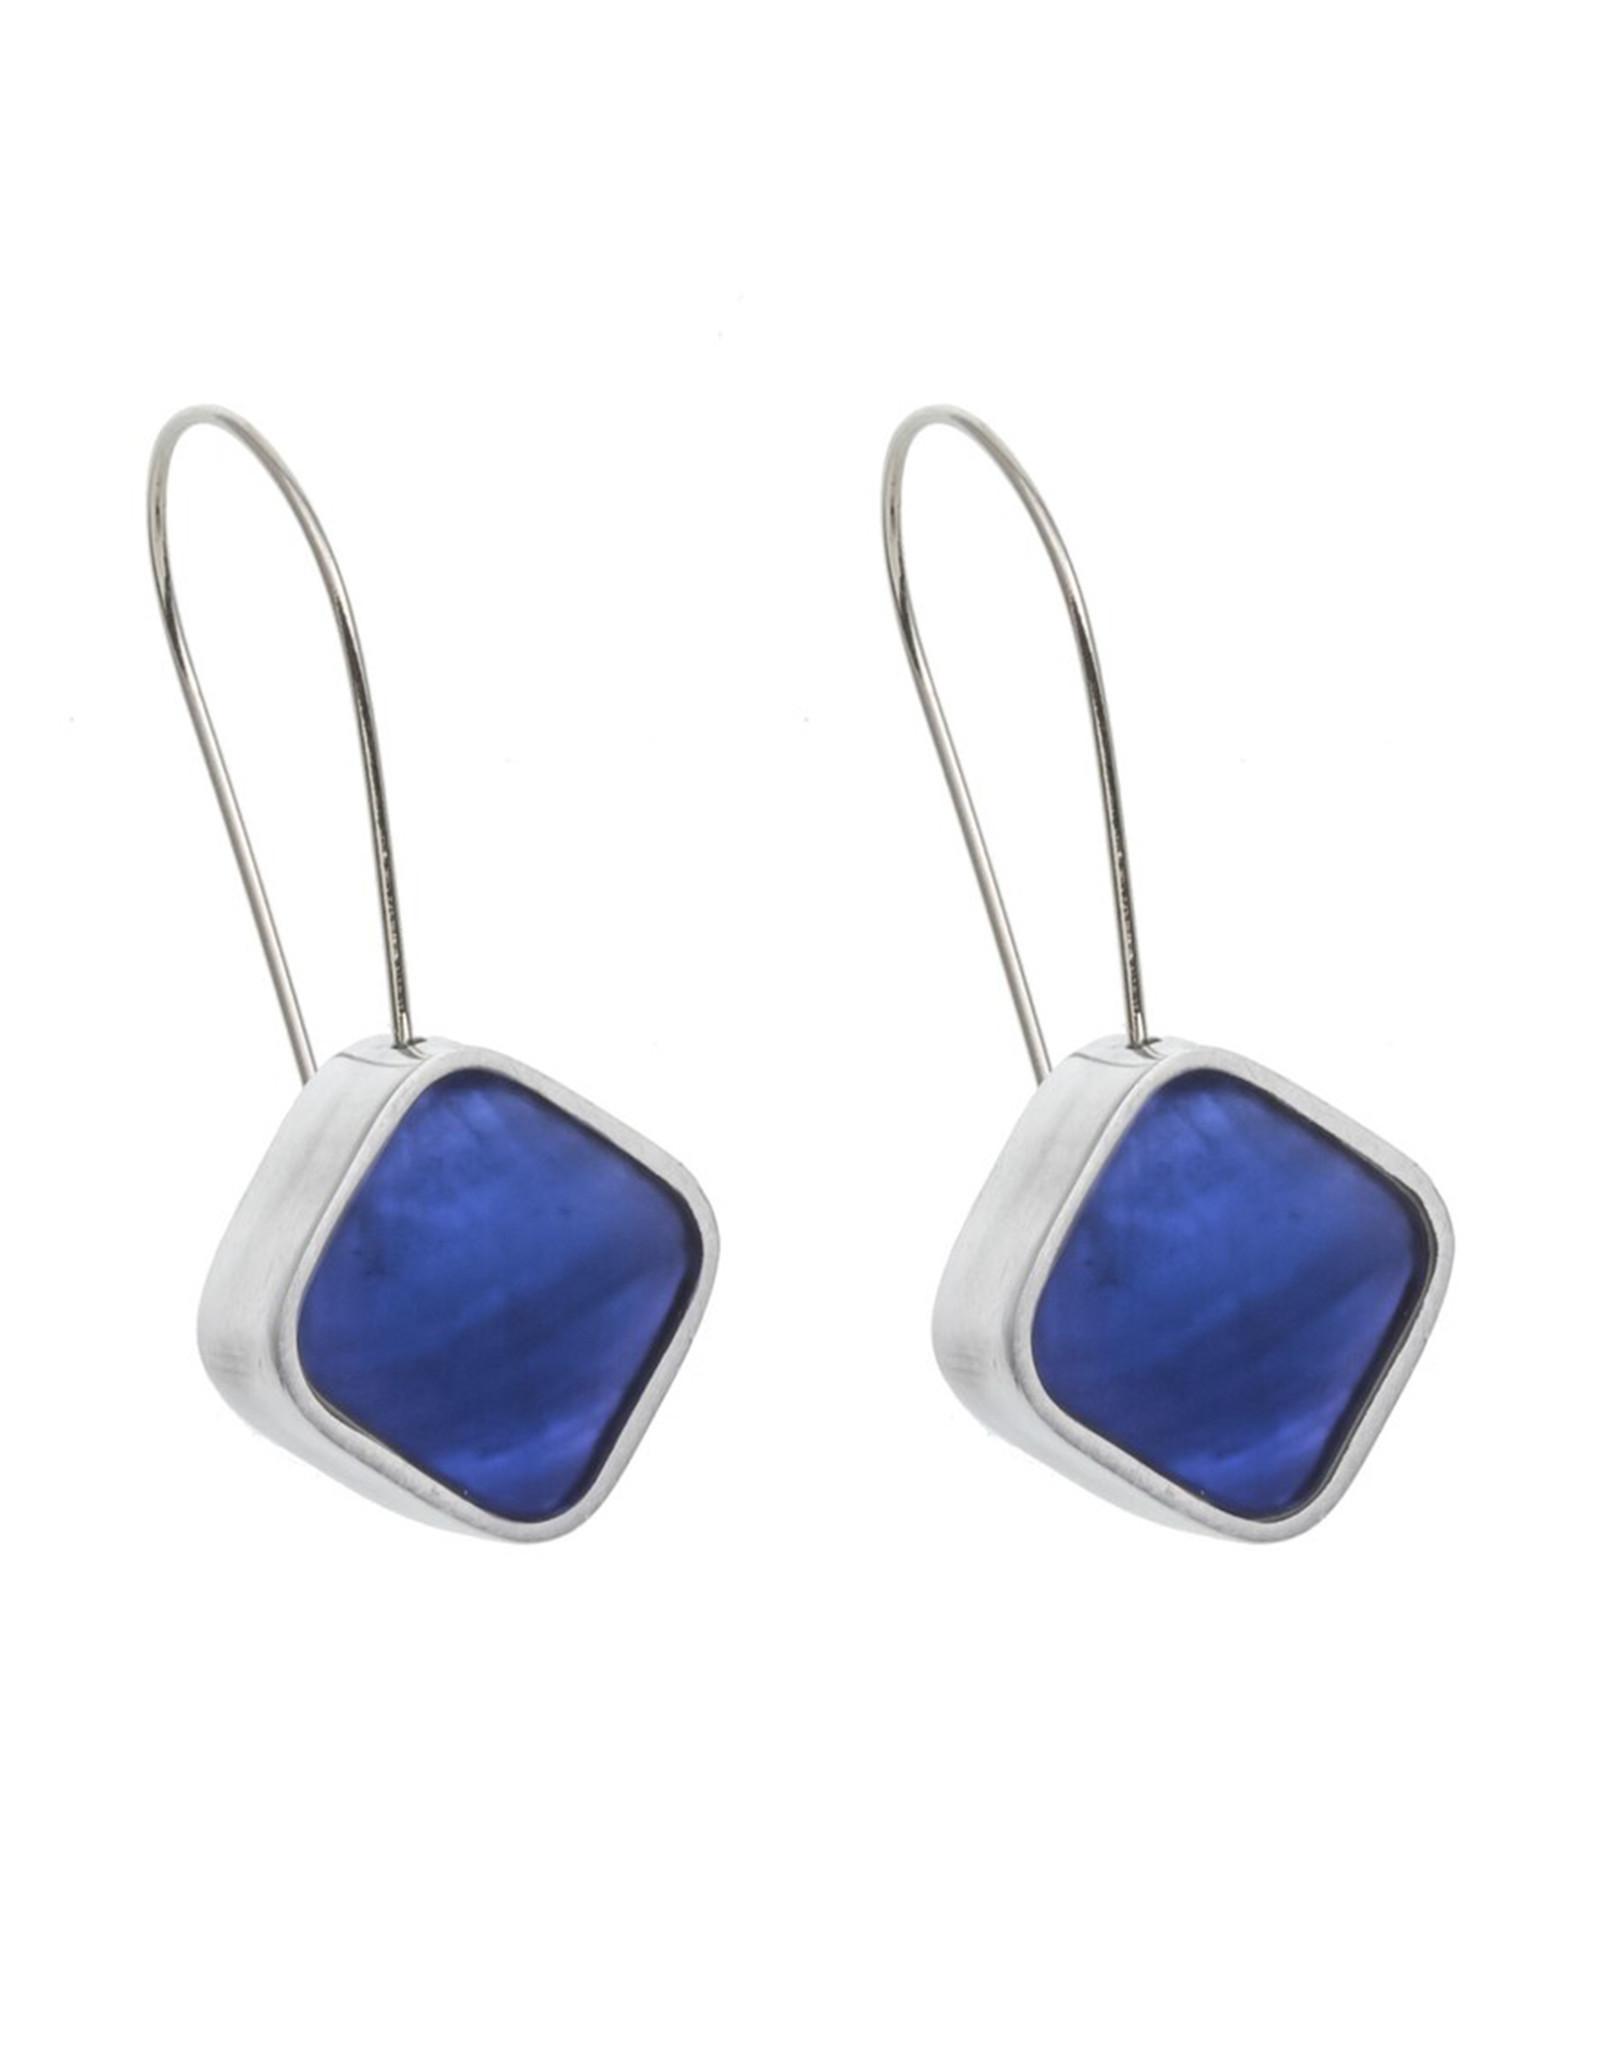 ORIGIN JEWELRY BLUE DIAMOND EARRINGS